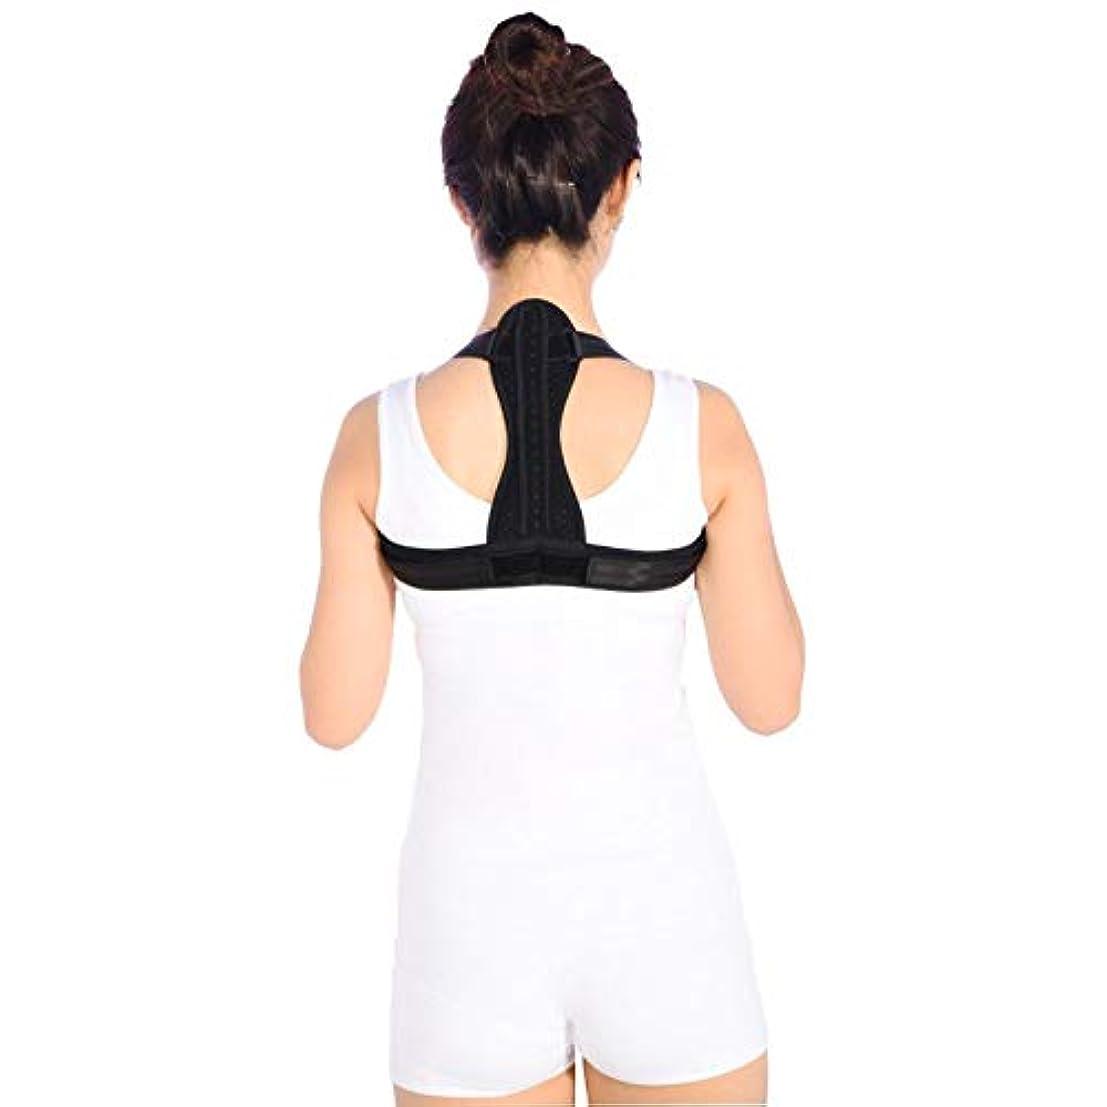 ハング望み宣言する通気性の脊柱側弯症ザトウクジラ補正ベルト調節可能な快適さ目に見えないベルト男性女性大人学生子供 - 黒